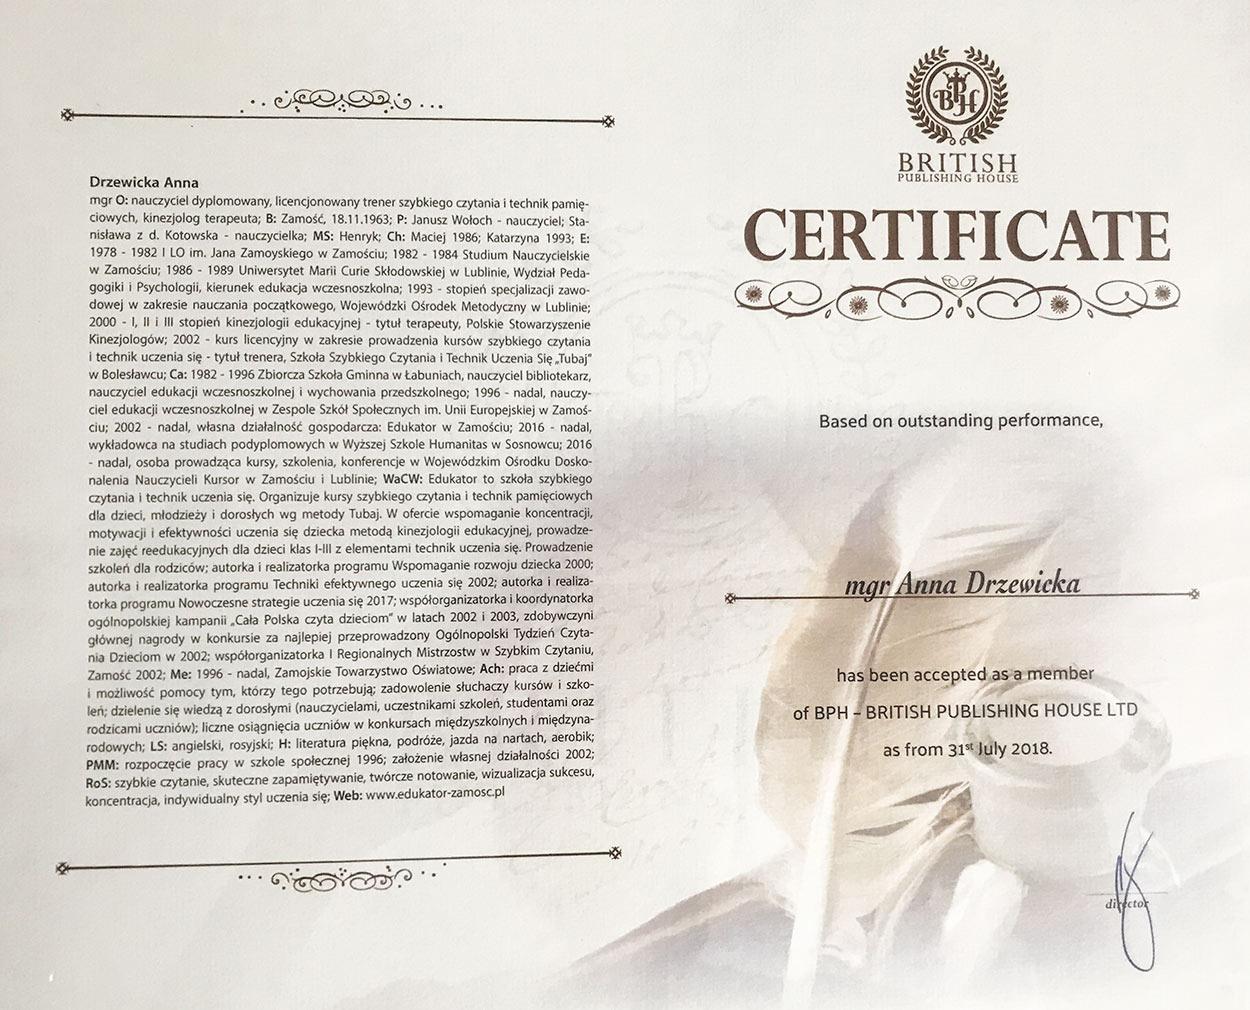 """Certyfikat potwierdzający wpis do """"Encyklopedii Osobistości Rzeczypospolitej Polskiej"""" /></p> <p>  Certyfikat potwierdzający wpis do """"Encyklopedii Osobistości Rzeczypospolitej Polskiej"""" publikowanej przez BPH – British Publishing House ,wydanie IV. Włączenie do grona Britishpedia</p> <h2>Metoda TUBAJ</h2> <p>Czytanie stanowi podstawę wszelkiego kształcenia, jak również funkcjonowania na odpowiednio wysokim poziomie intelektualnym każdego człowieka bez względu na wiek.</p> <p>Większość ludzi czyta w tempie od 150 do 250 słów na minutę. Nie jest to tempo """"naturalne"""", gdyż czytamy, popełniając wiele błędów i mając złe nawyki i przekonania czytelnicze. Powinniśmy czytać w tempie 800 do 1200 słów na minutę.</p> <p>Dlatego tak ważne jest wypracowanie takiej techniki czytania, która byłaby jak najbardziej efektywna, to znaczy, żeby przyswajanie informacji odbywało się w sposób jak najpełniejszy, w jak najkrótszym czasie, a to równocześnie podniesie stopień rozumienia czytanego tekstu.</p> <p>Umiejętność szybkiego czytania uzupełniona wieloma ćwiczeniami rozwijającymi nasz umysł i właściwymi <strong>technikami uczenia się</strong> skraca czas nauki minimum trzykrotnie, uczenie się sprawia przyjemność, nie jest stresujące, a wiadomości i nabyte umiejętności są trwałe i mogą być wykorzystywane w różnych sferach naszego życia.</p> <p>Na <strong>kursach szybkiego czytania</strong> prowadzonych przez wysoko wykwalifikowaną kadrę w Szkole Szybkiego Czytania i Technik Uczenia Się """"TUBAJ"""", która swoją siedzibę ma w Bolesławcu, a sieć oddziałów na terenie całego kraju, nauczyć się można nie tylko szybkiego czytania i podstawowych technik uczenia się, ale również sztuki koncentracji i relaksacji, radzenia sobie ze stresem, nielinearnego sposobu notowania (Mapy Myśli). Na zajęciach rozwijana jest też wyobraźnia, szybkość i dokładność percepcji oraz pamięć słuchowa i wzrokowa (""""fotograficzna"""").</p> <p>Jak skuteczne są metody stosowane na tych kursach, świadczy chociażby fakt, że na III"""